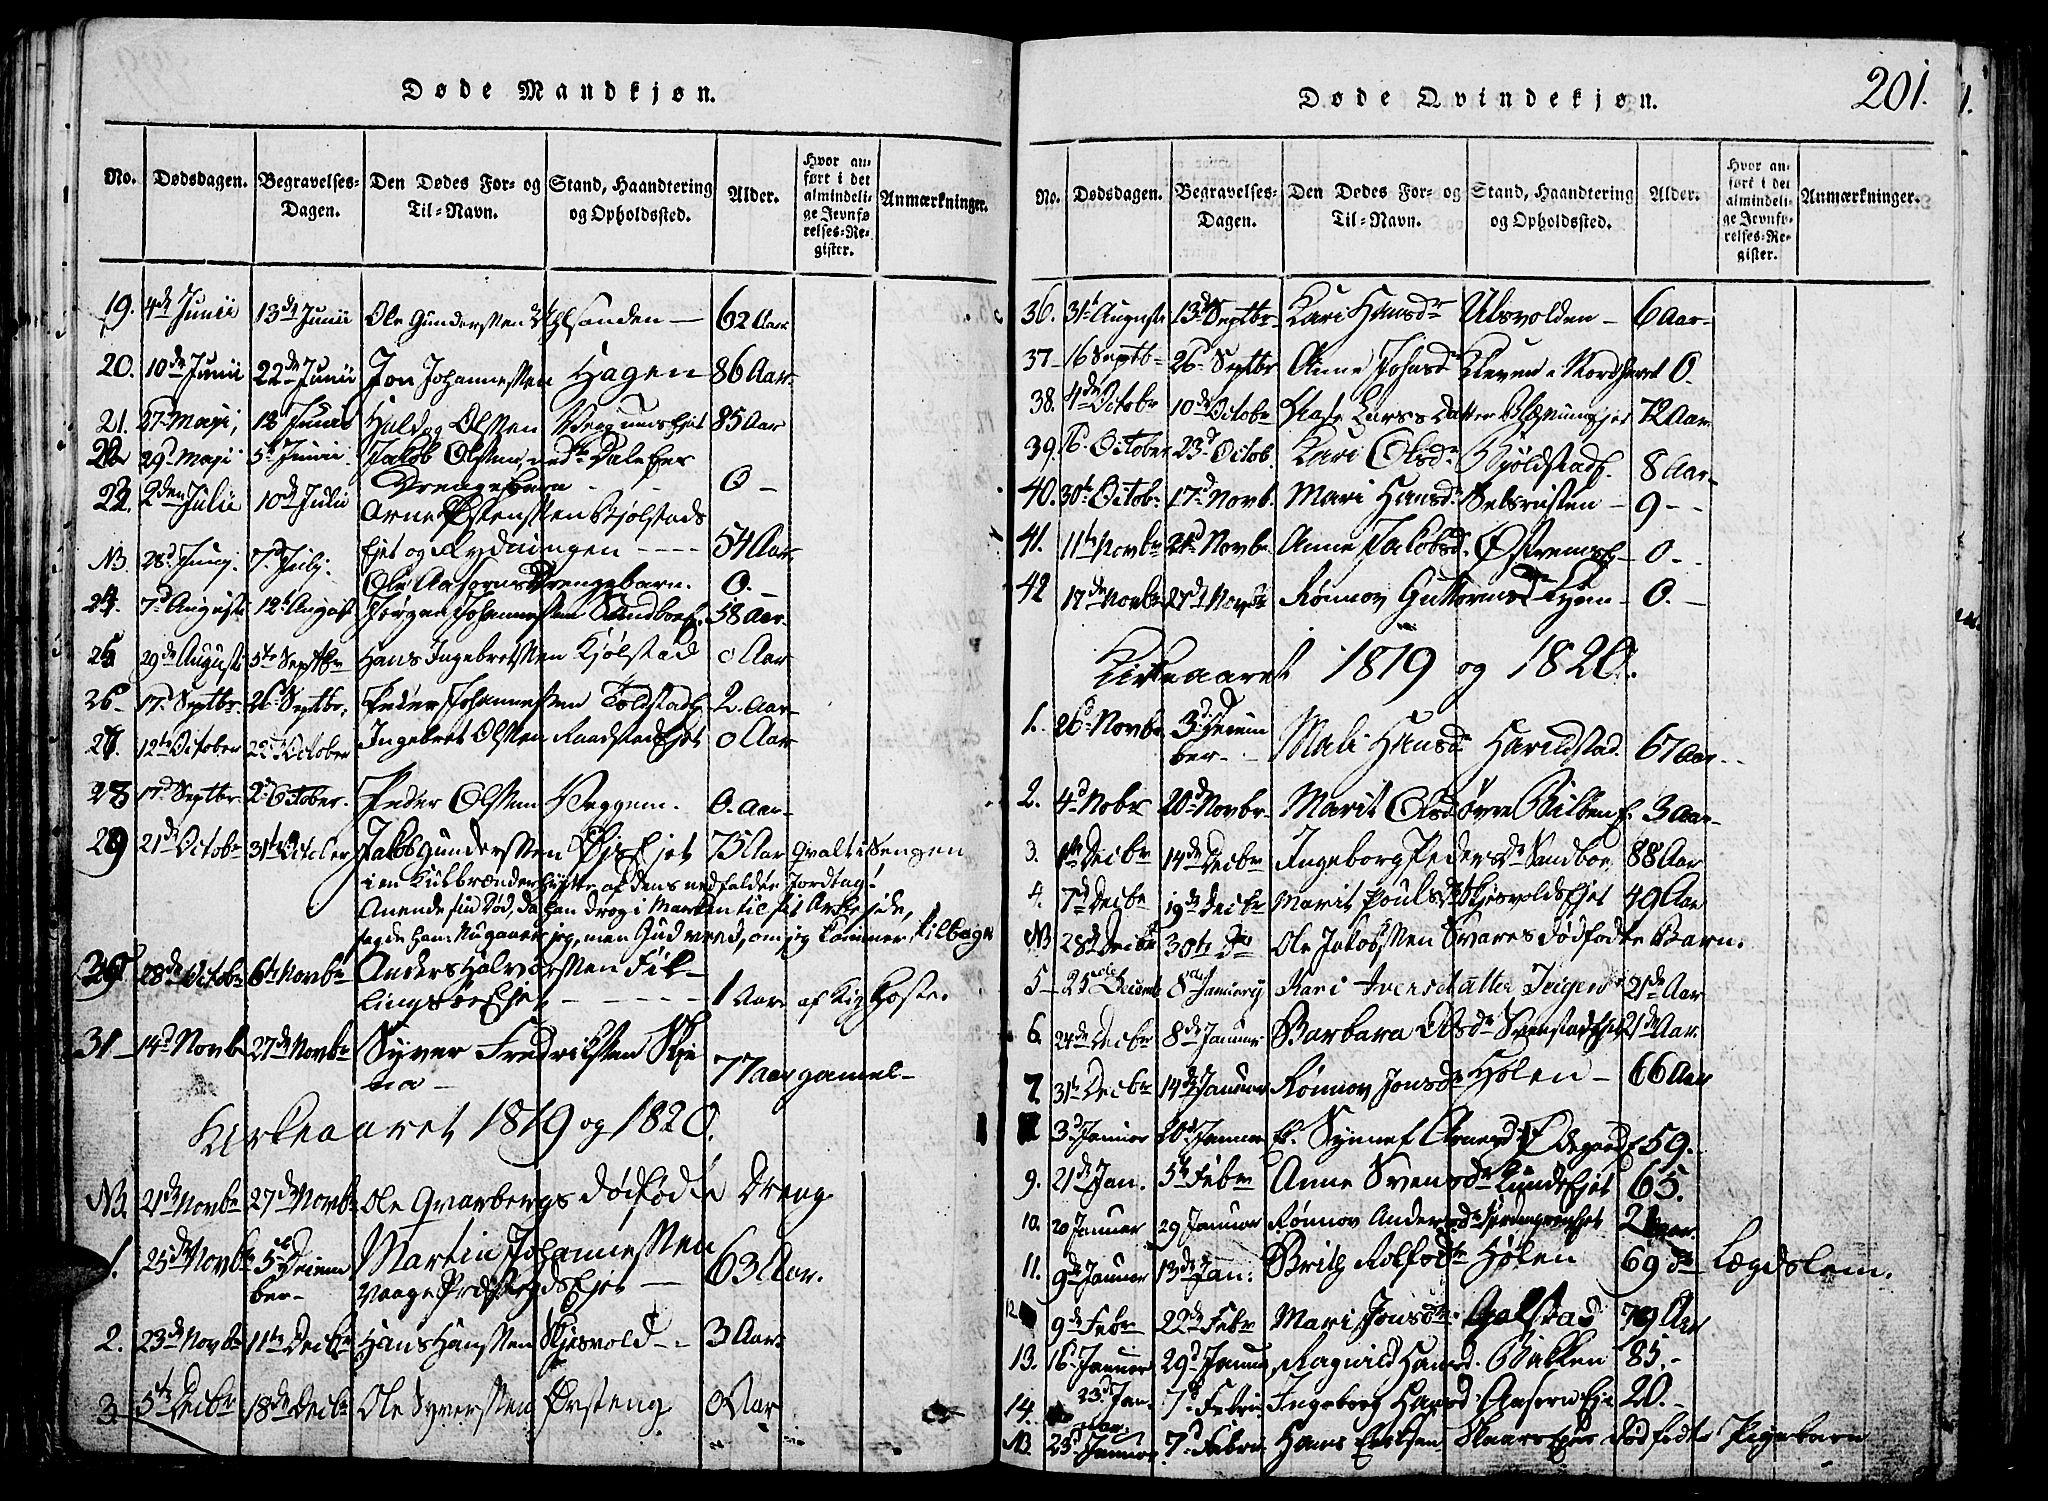 SAH, Vågå prestekontor, Klokkerbok nr. 1, 1815-1827, s. 200-201